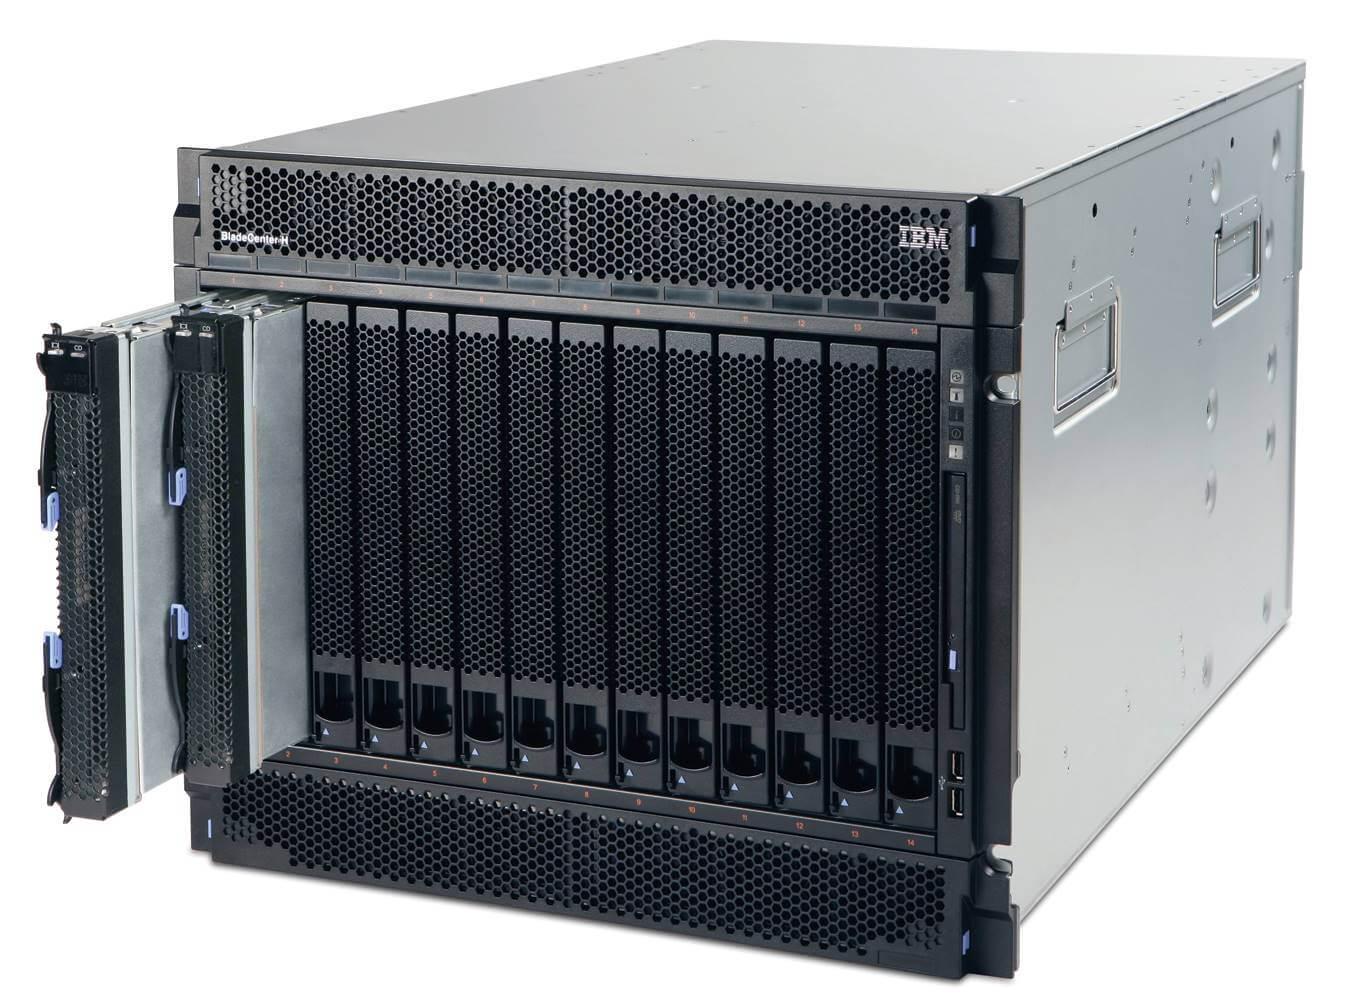 Как примонтировать DVD или ISO в AMM IBM Blade Center